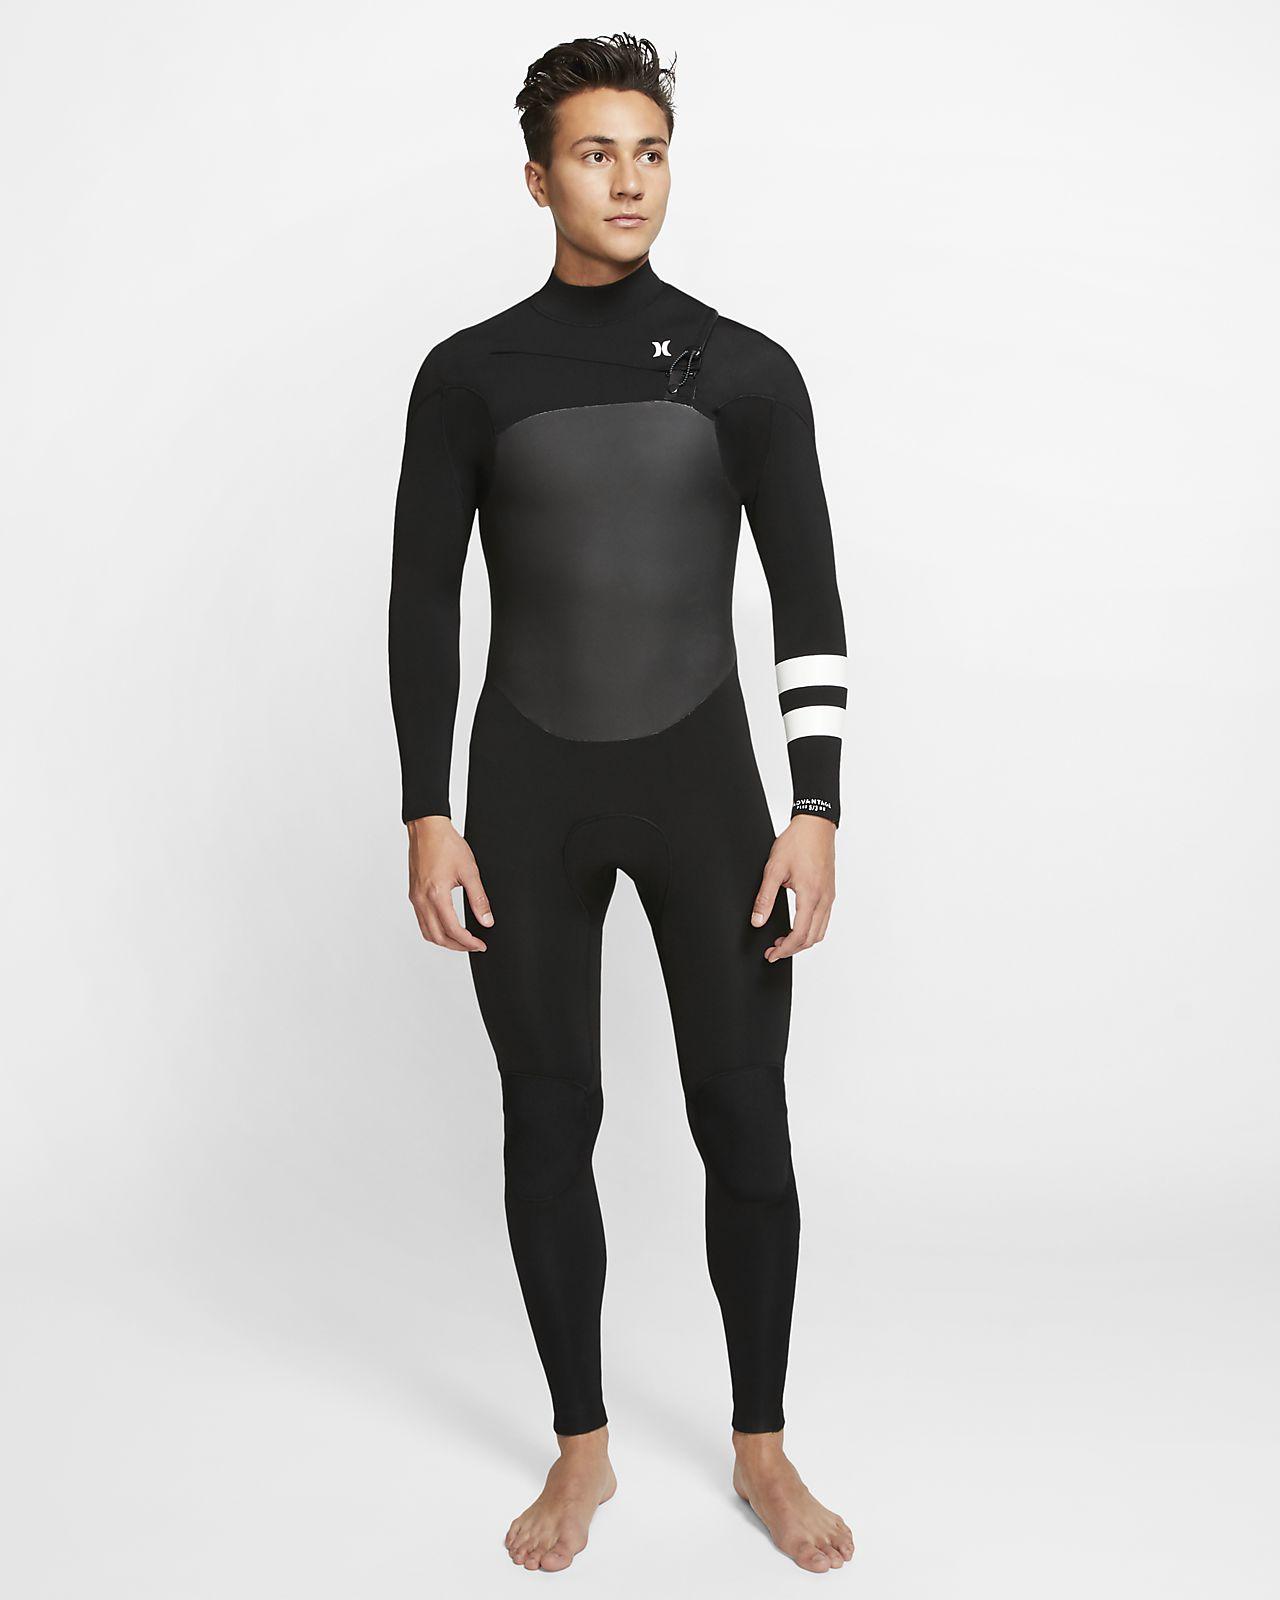 Hurley Advantage Plus 5/3 Fullsuit Men's Wetsuit